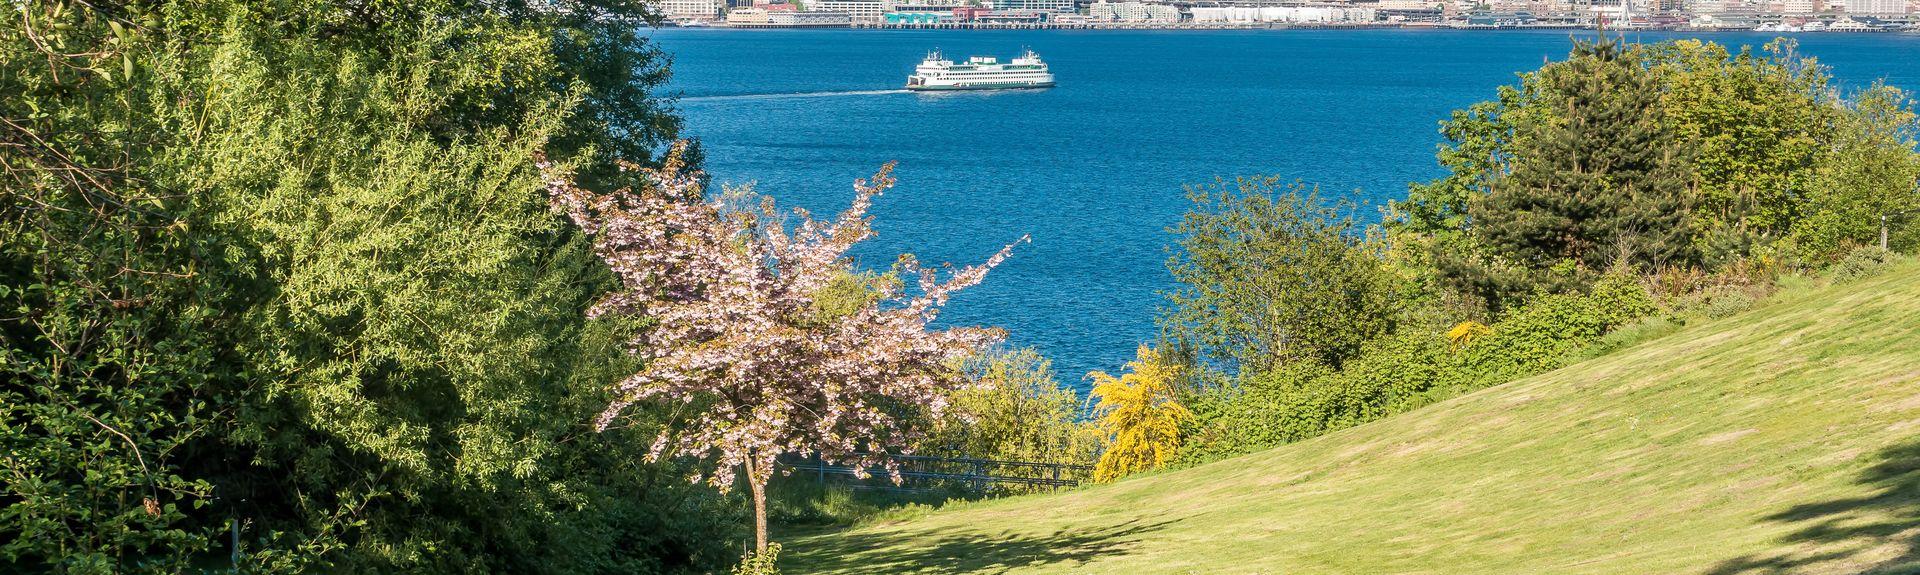 University of Washington, Seattle, WA, USA